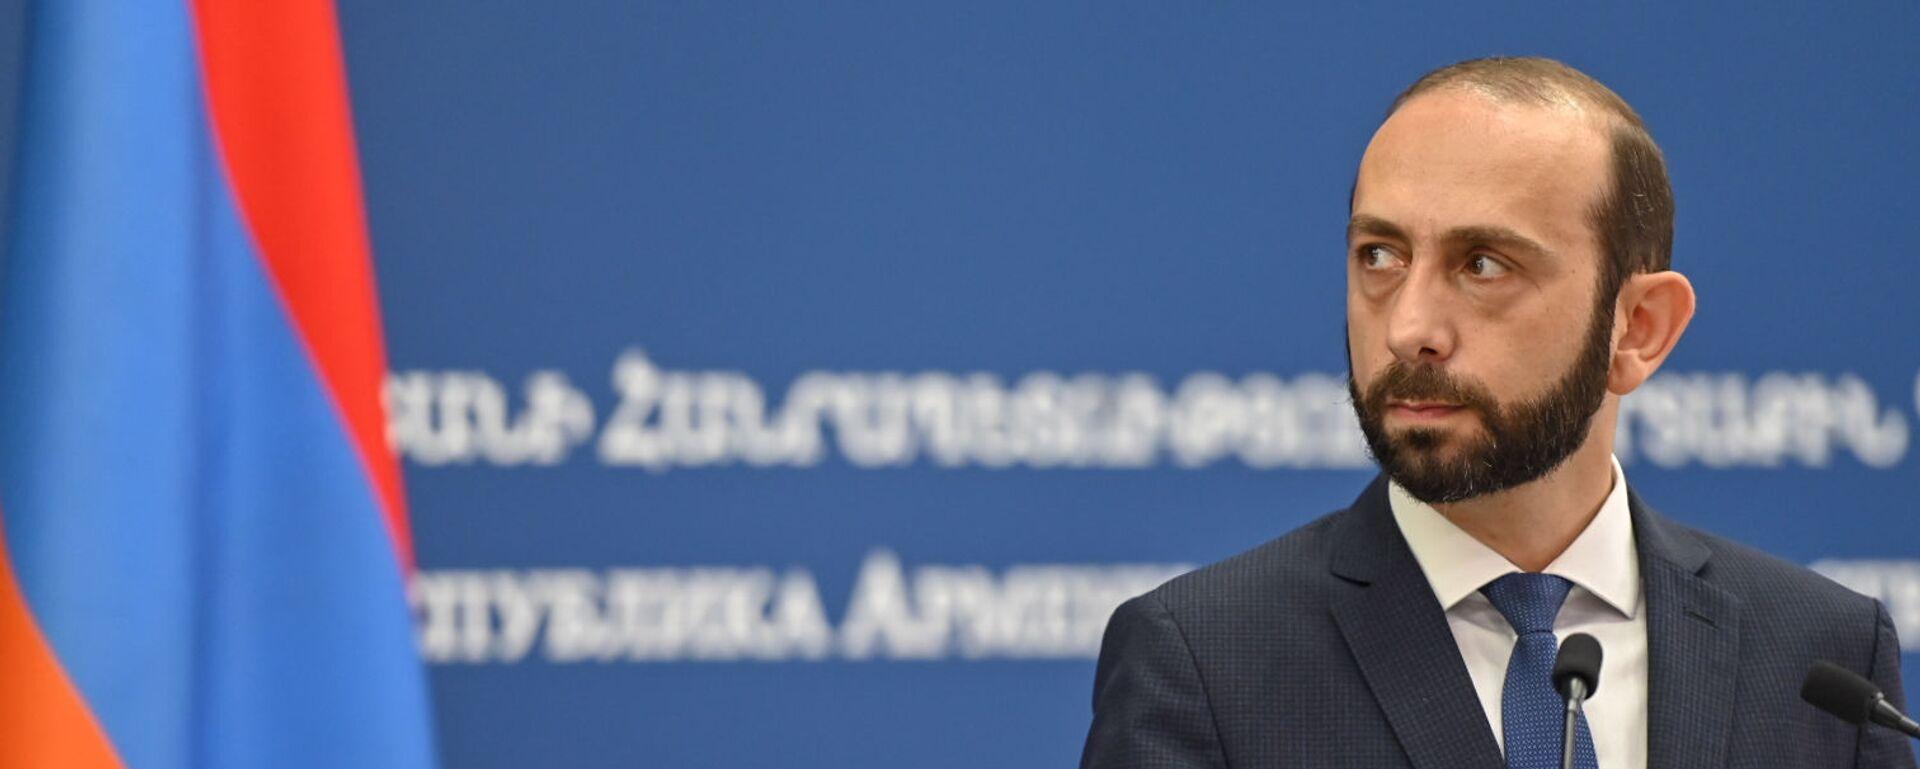 Совместная пресс-конференция глав МИД Армении и Словакии Арарата Мирзояна и Ивана Корчока (14 сентября 2021). Еревaн - Sputnik Армения, 1920, 21.09.2021